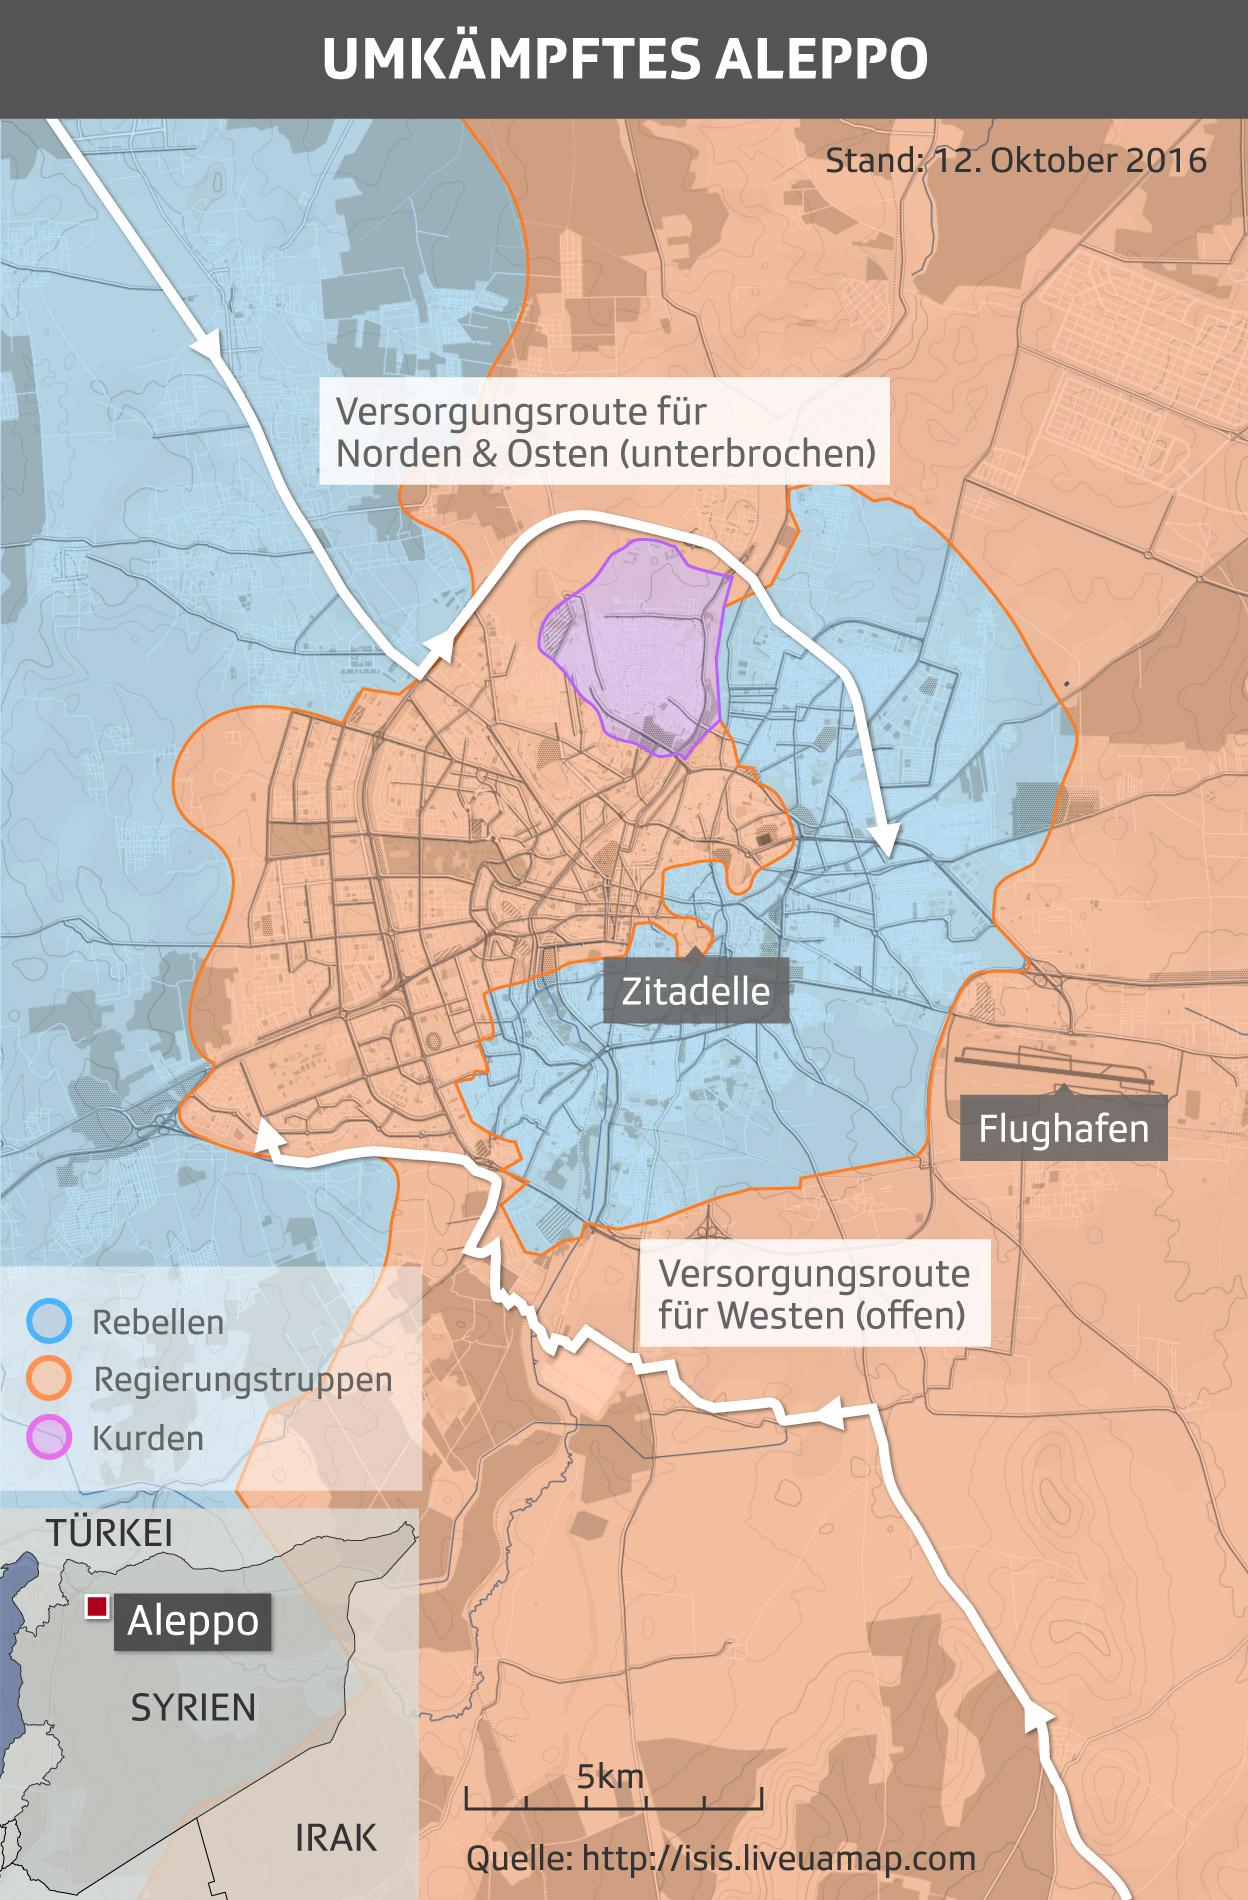 Umkämpftes Aleppo